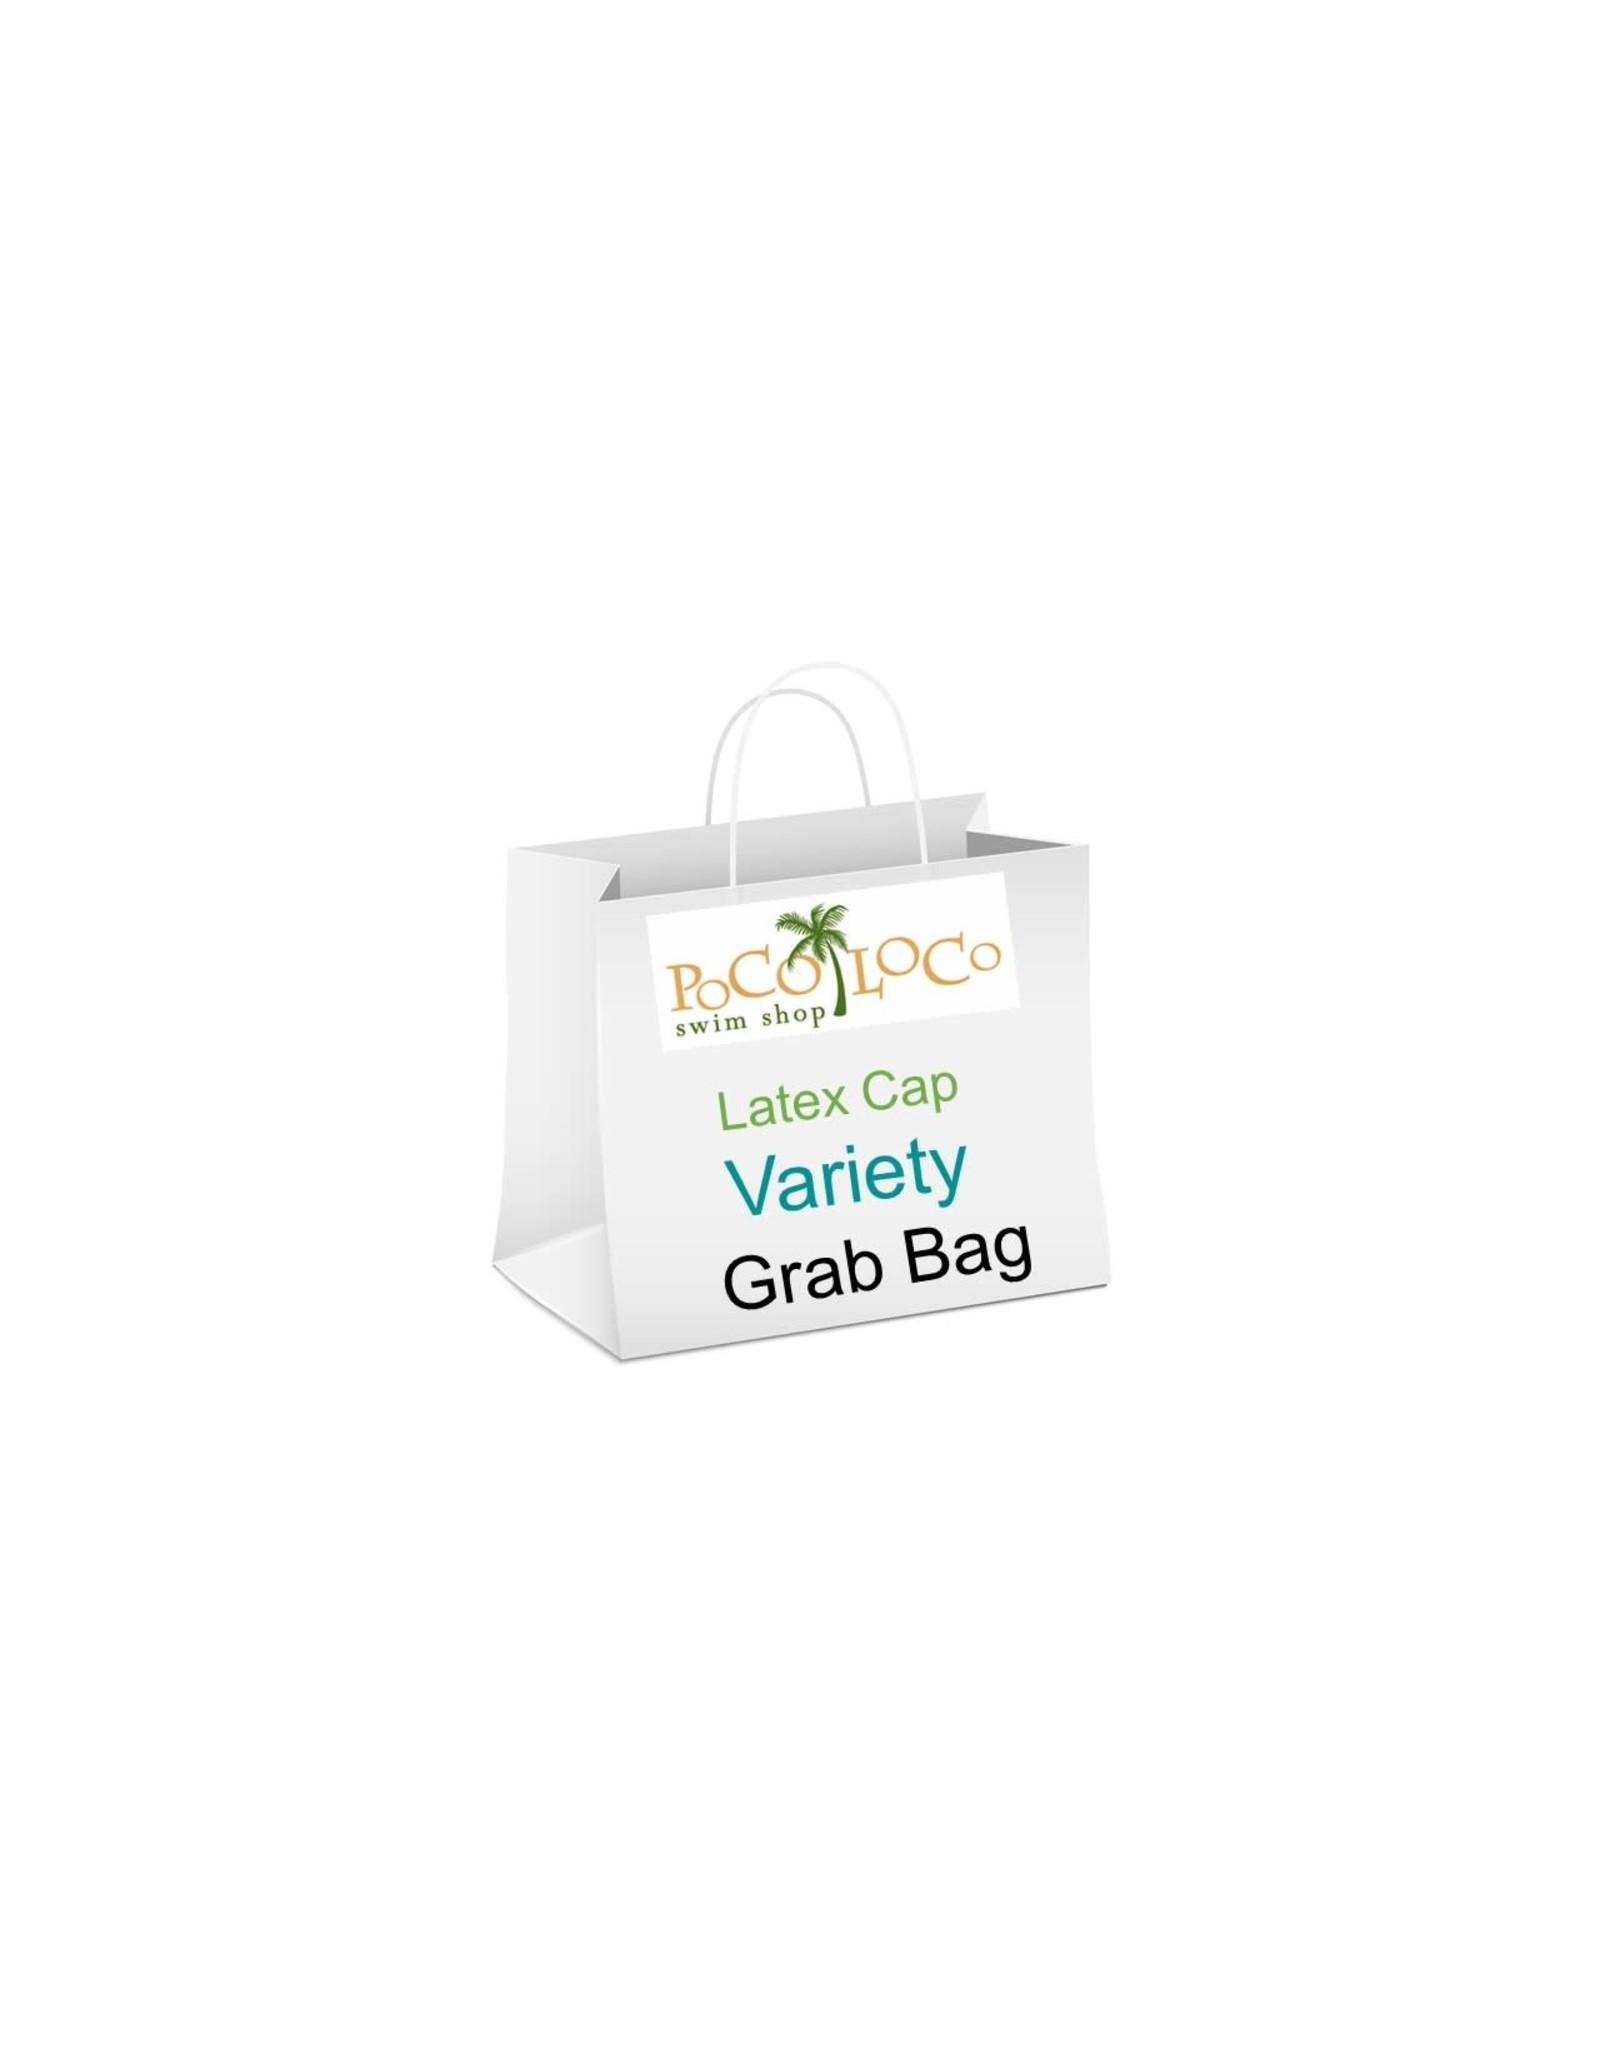 GRAB BAG LATEX CAP